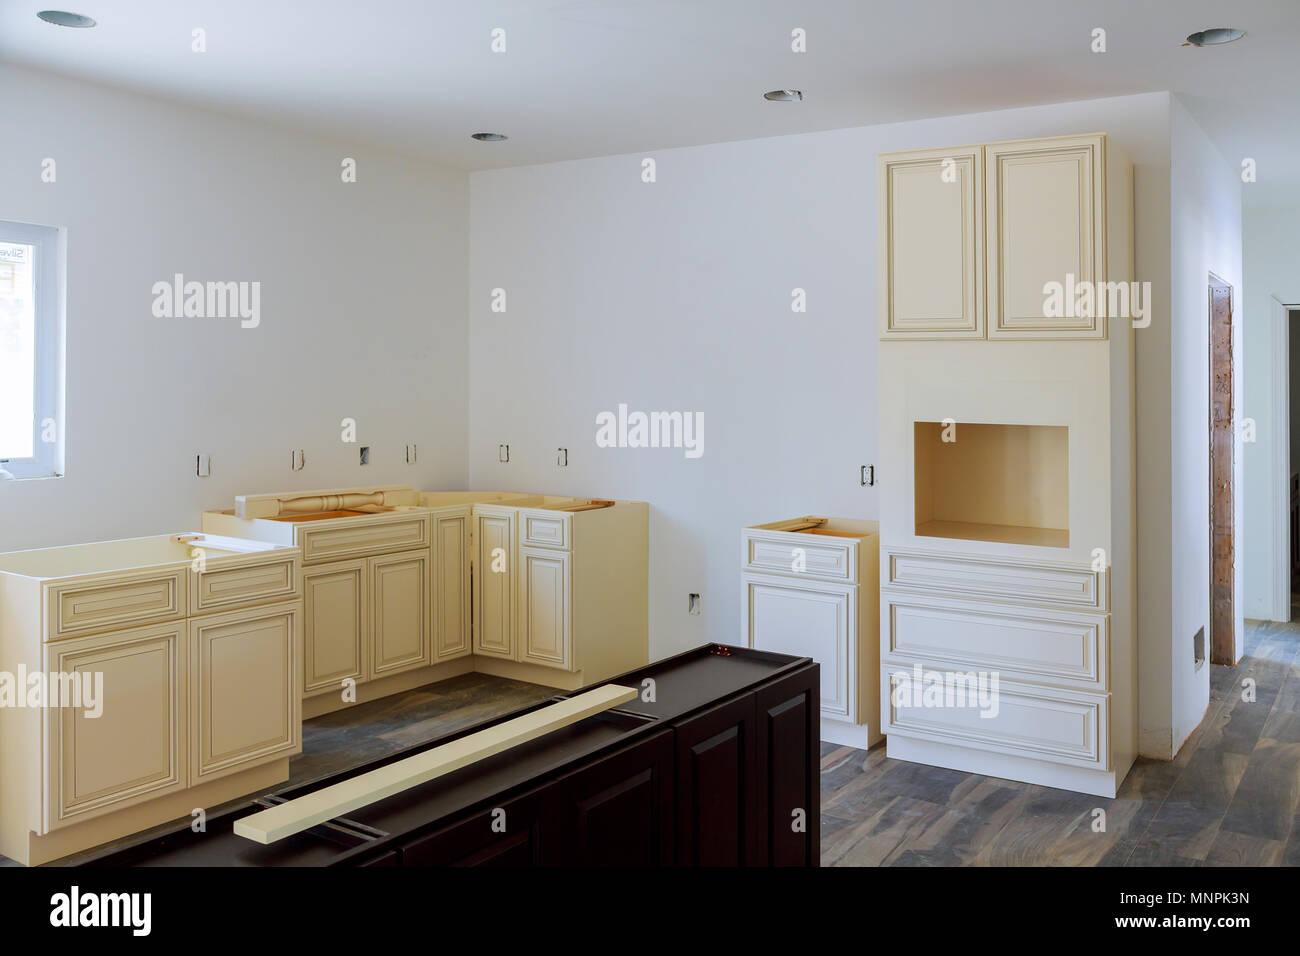 Kitchen cabinets installation Blind corner cabinet, island ...